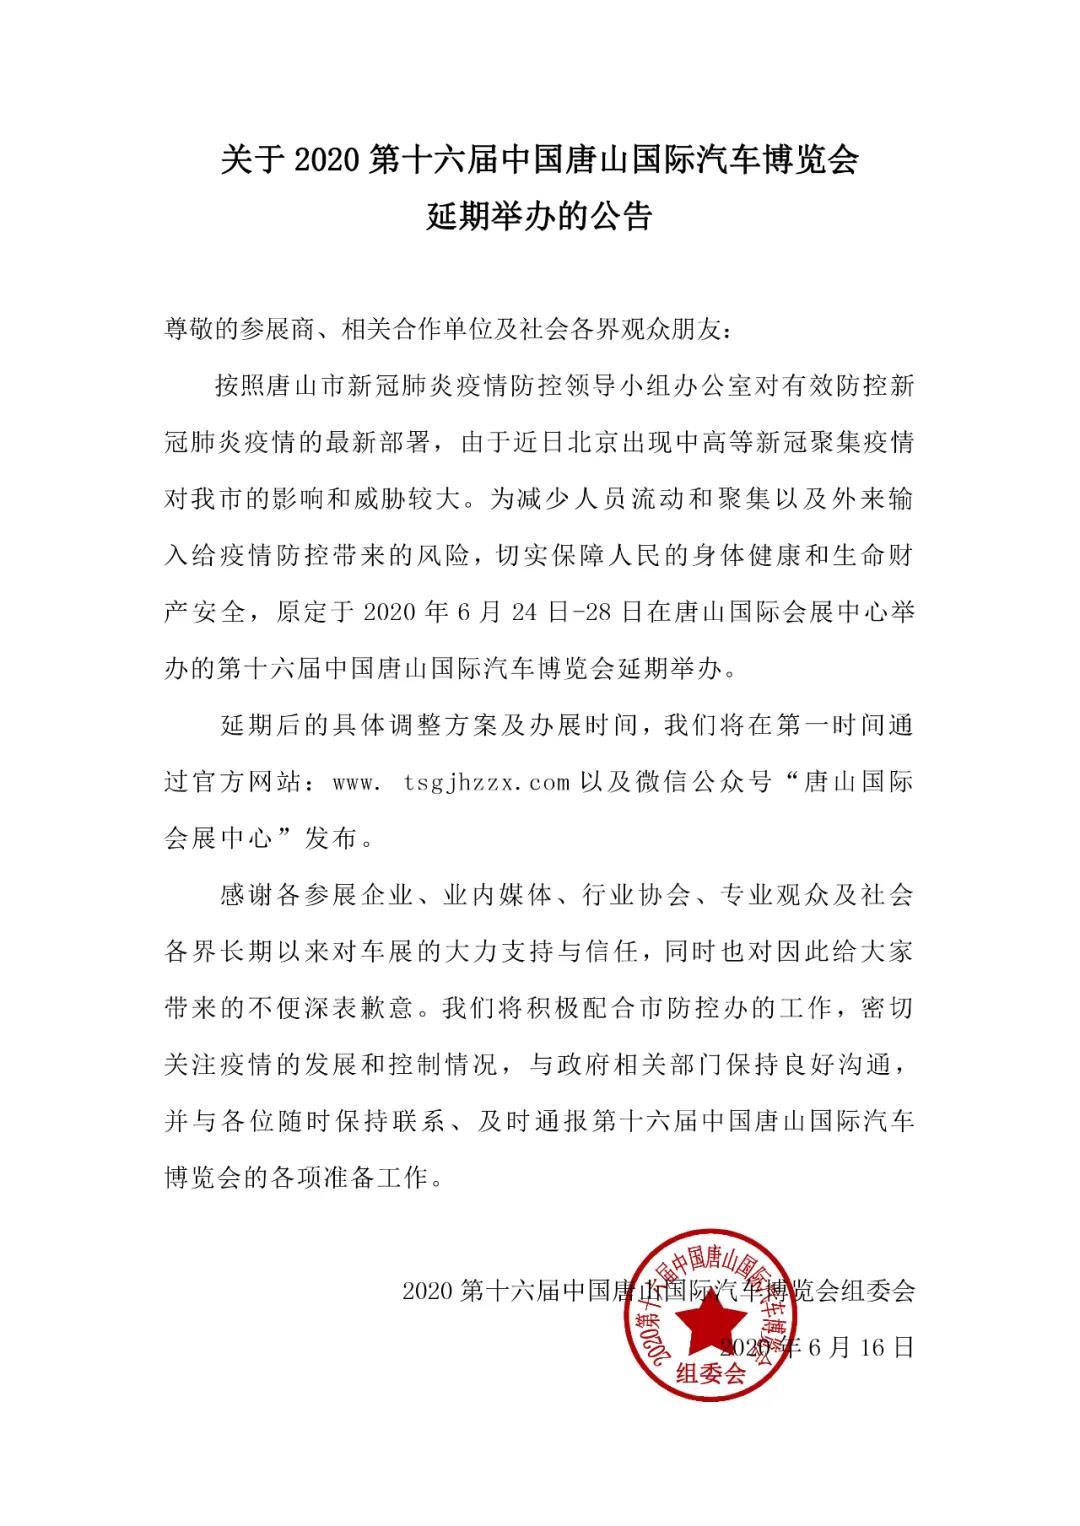 唐山国际车展延期